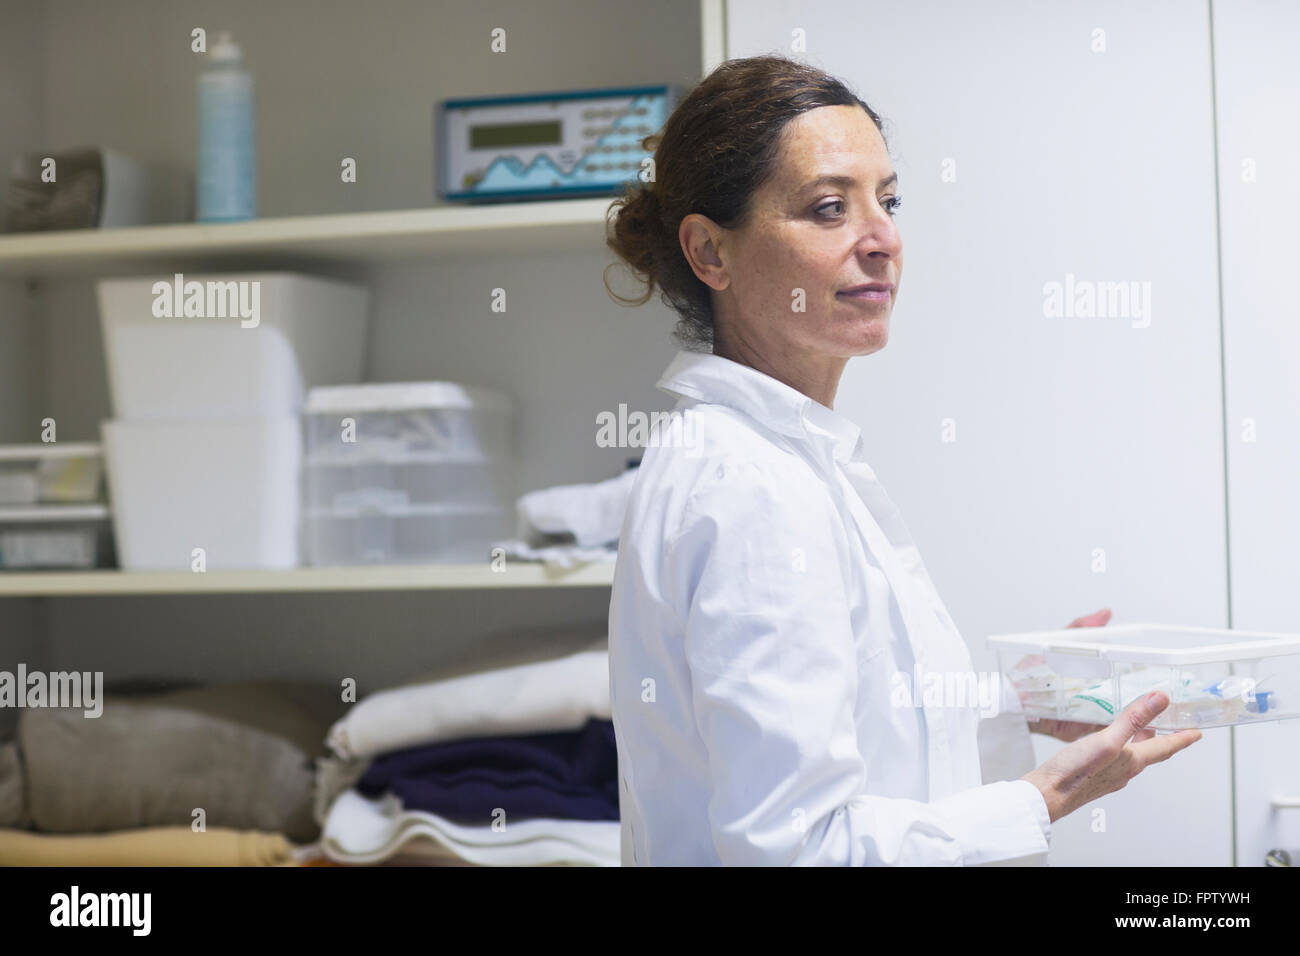 Medico donna in possesso di una scatola di medicina di Freiburg im Breisgau, Baden-Württemberg, Germania Foto Stock